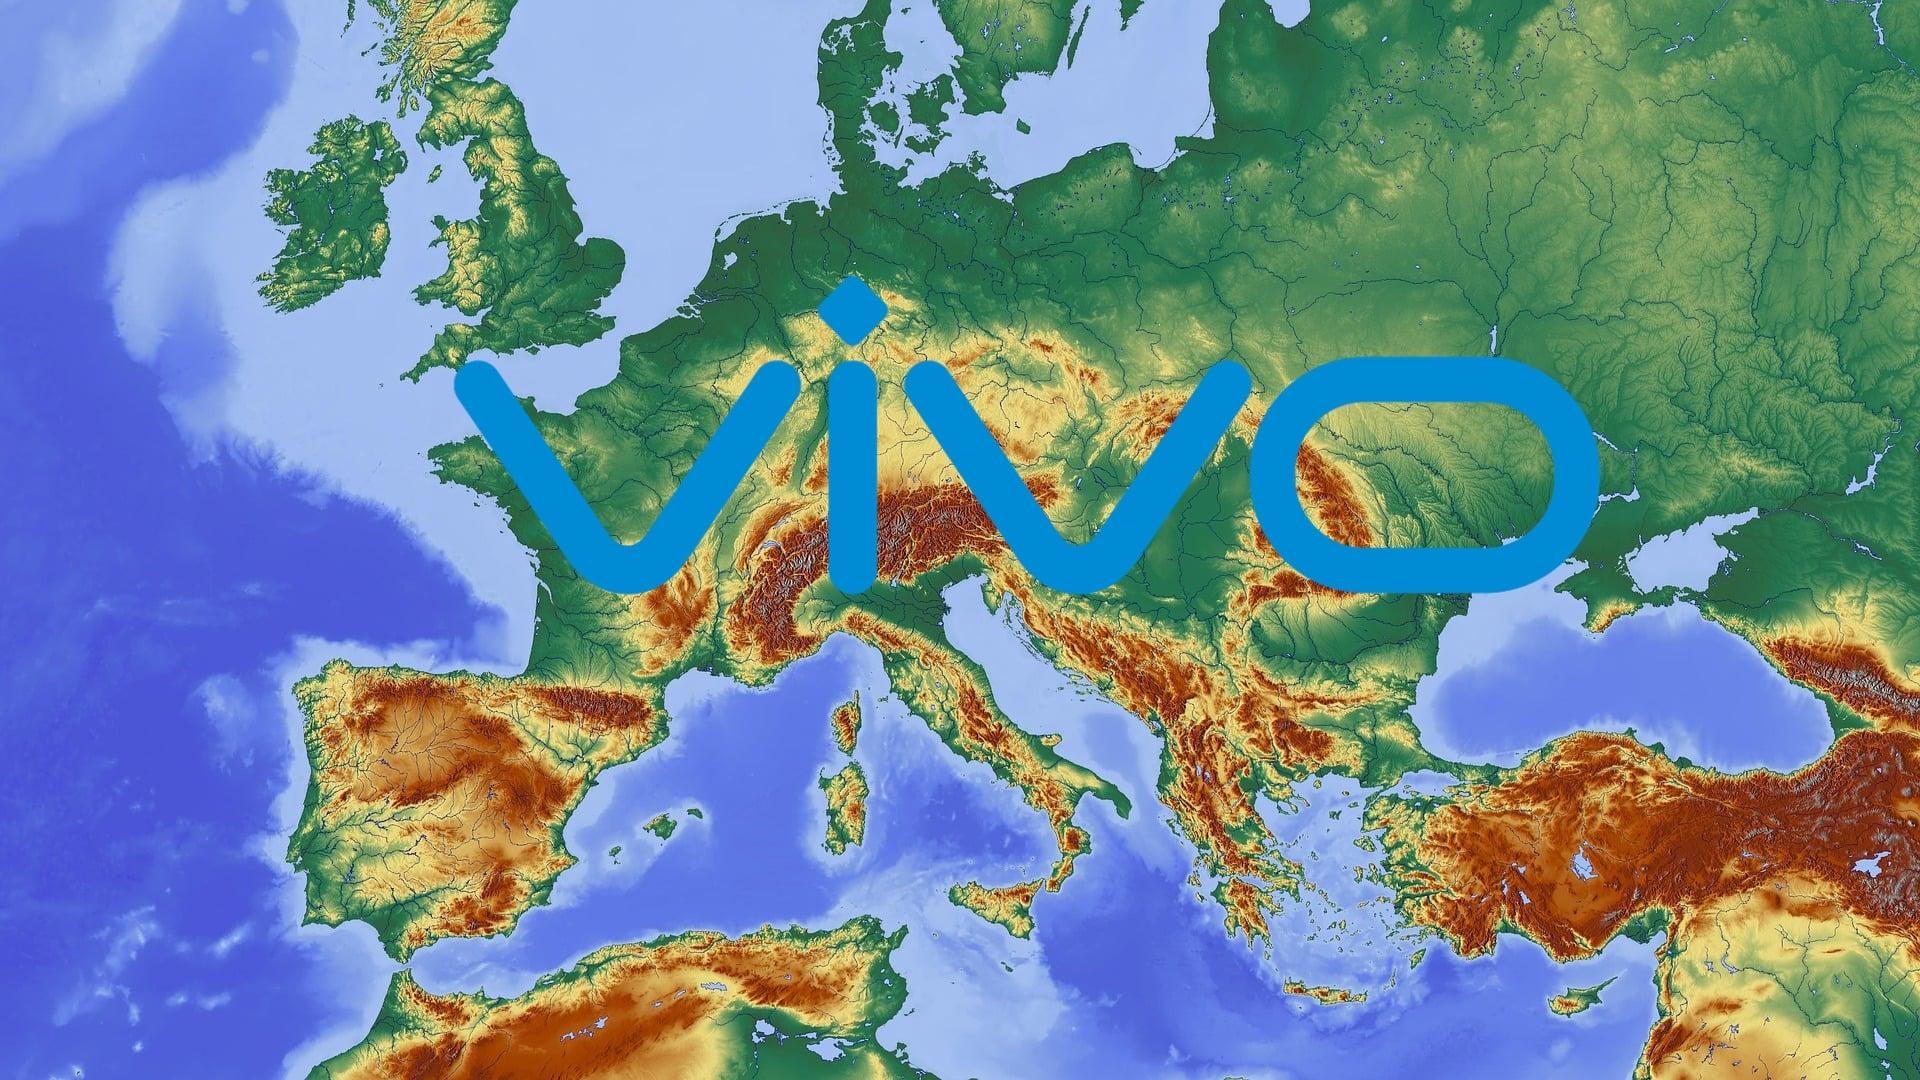 W 2018 roku Vivo wejdzie na europejski rynek smartfonów. Pomoże mu w tym Qualcomm 19